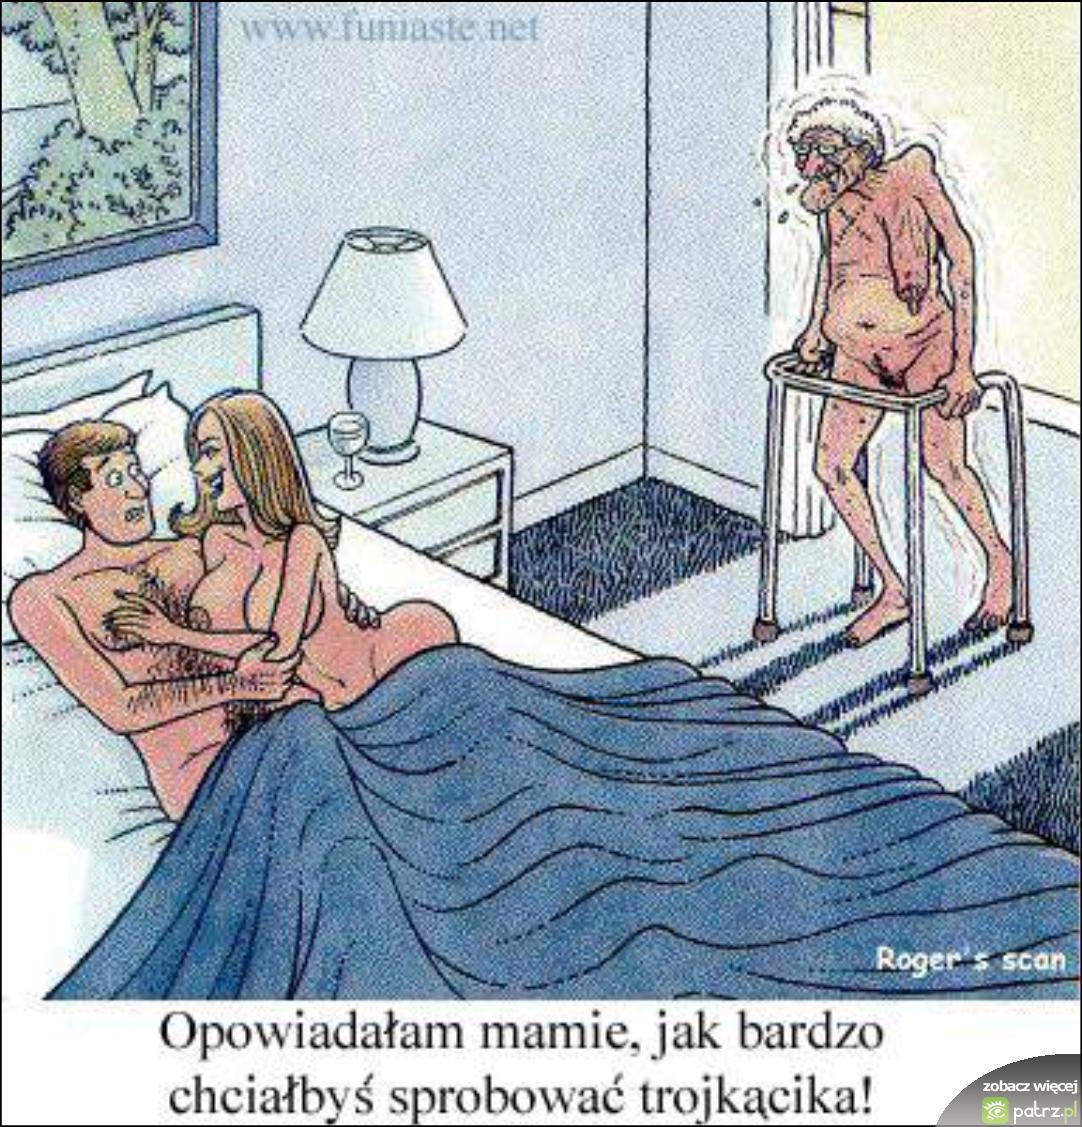 Секс юмор по польски 8 фотография